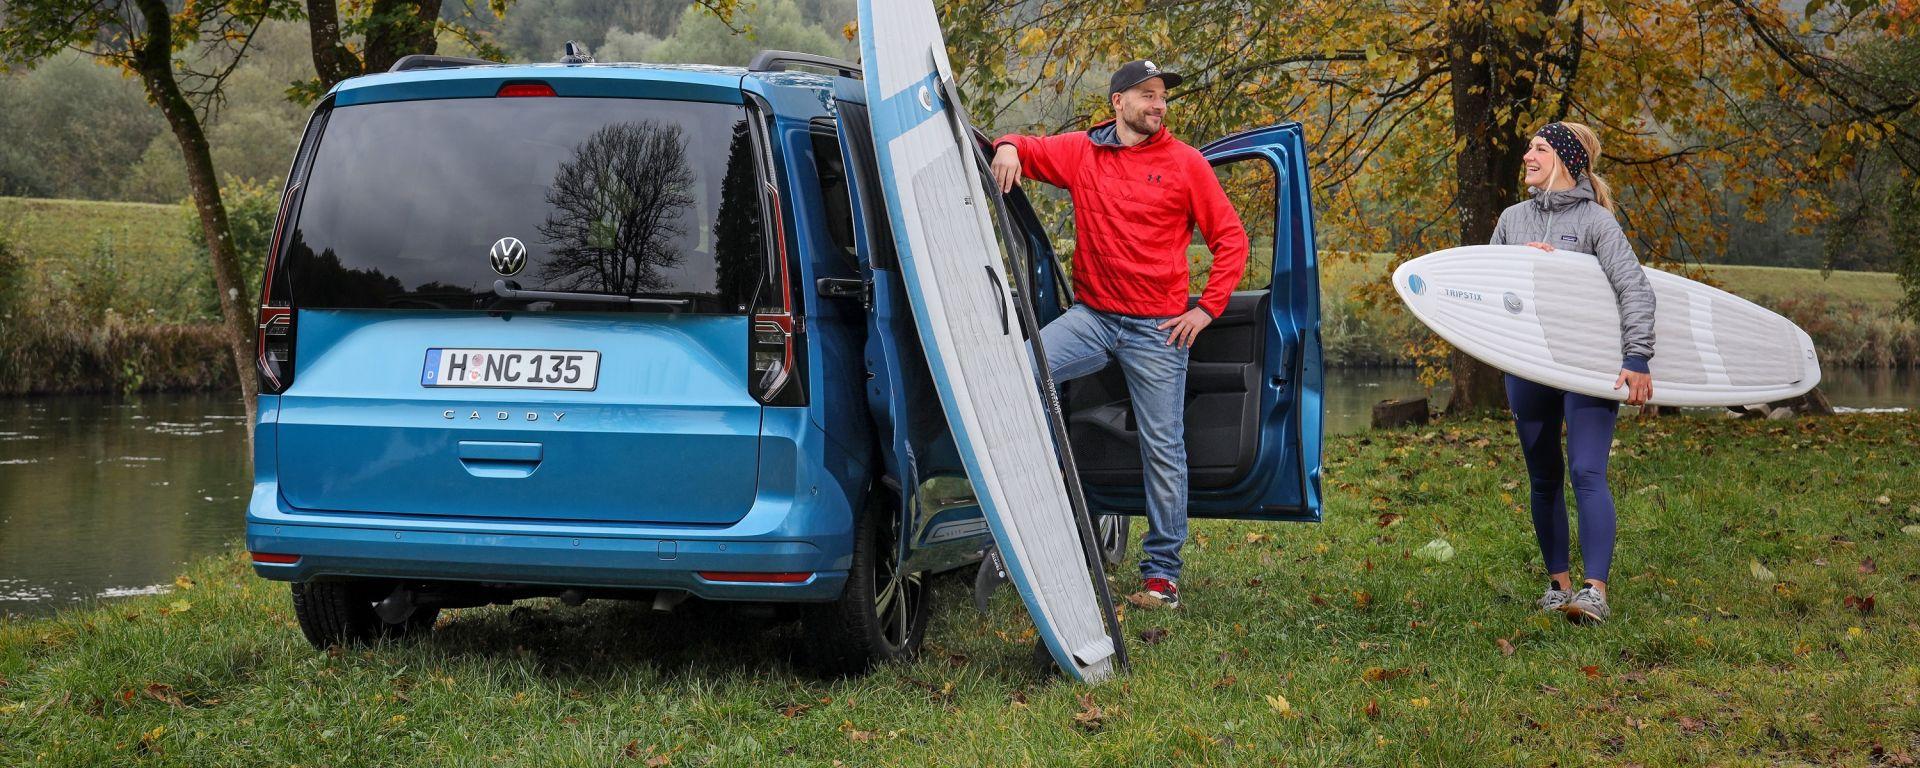 Nuova Volkswagen Caddy 2021: il nome Caddy indica la versione monovolume